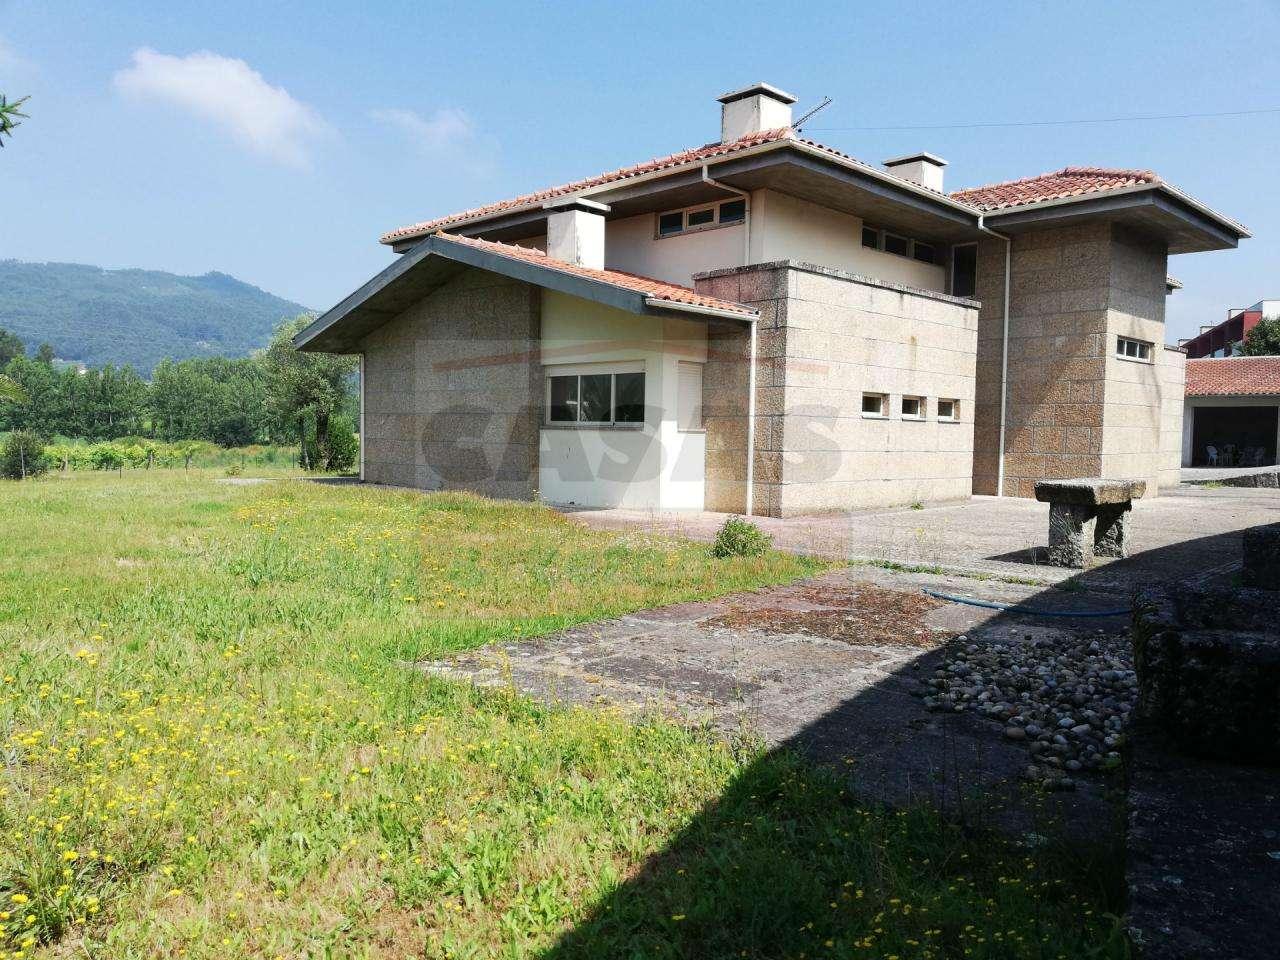 Quintas e herdades para comprar, Sande Vila Nova e Sande São Clemente, Guimarães, Braga - Foto 56